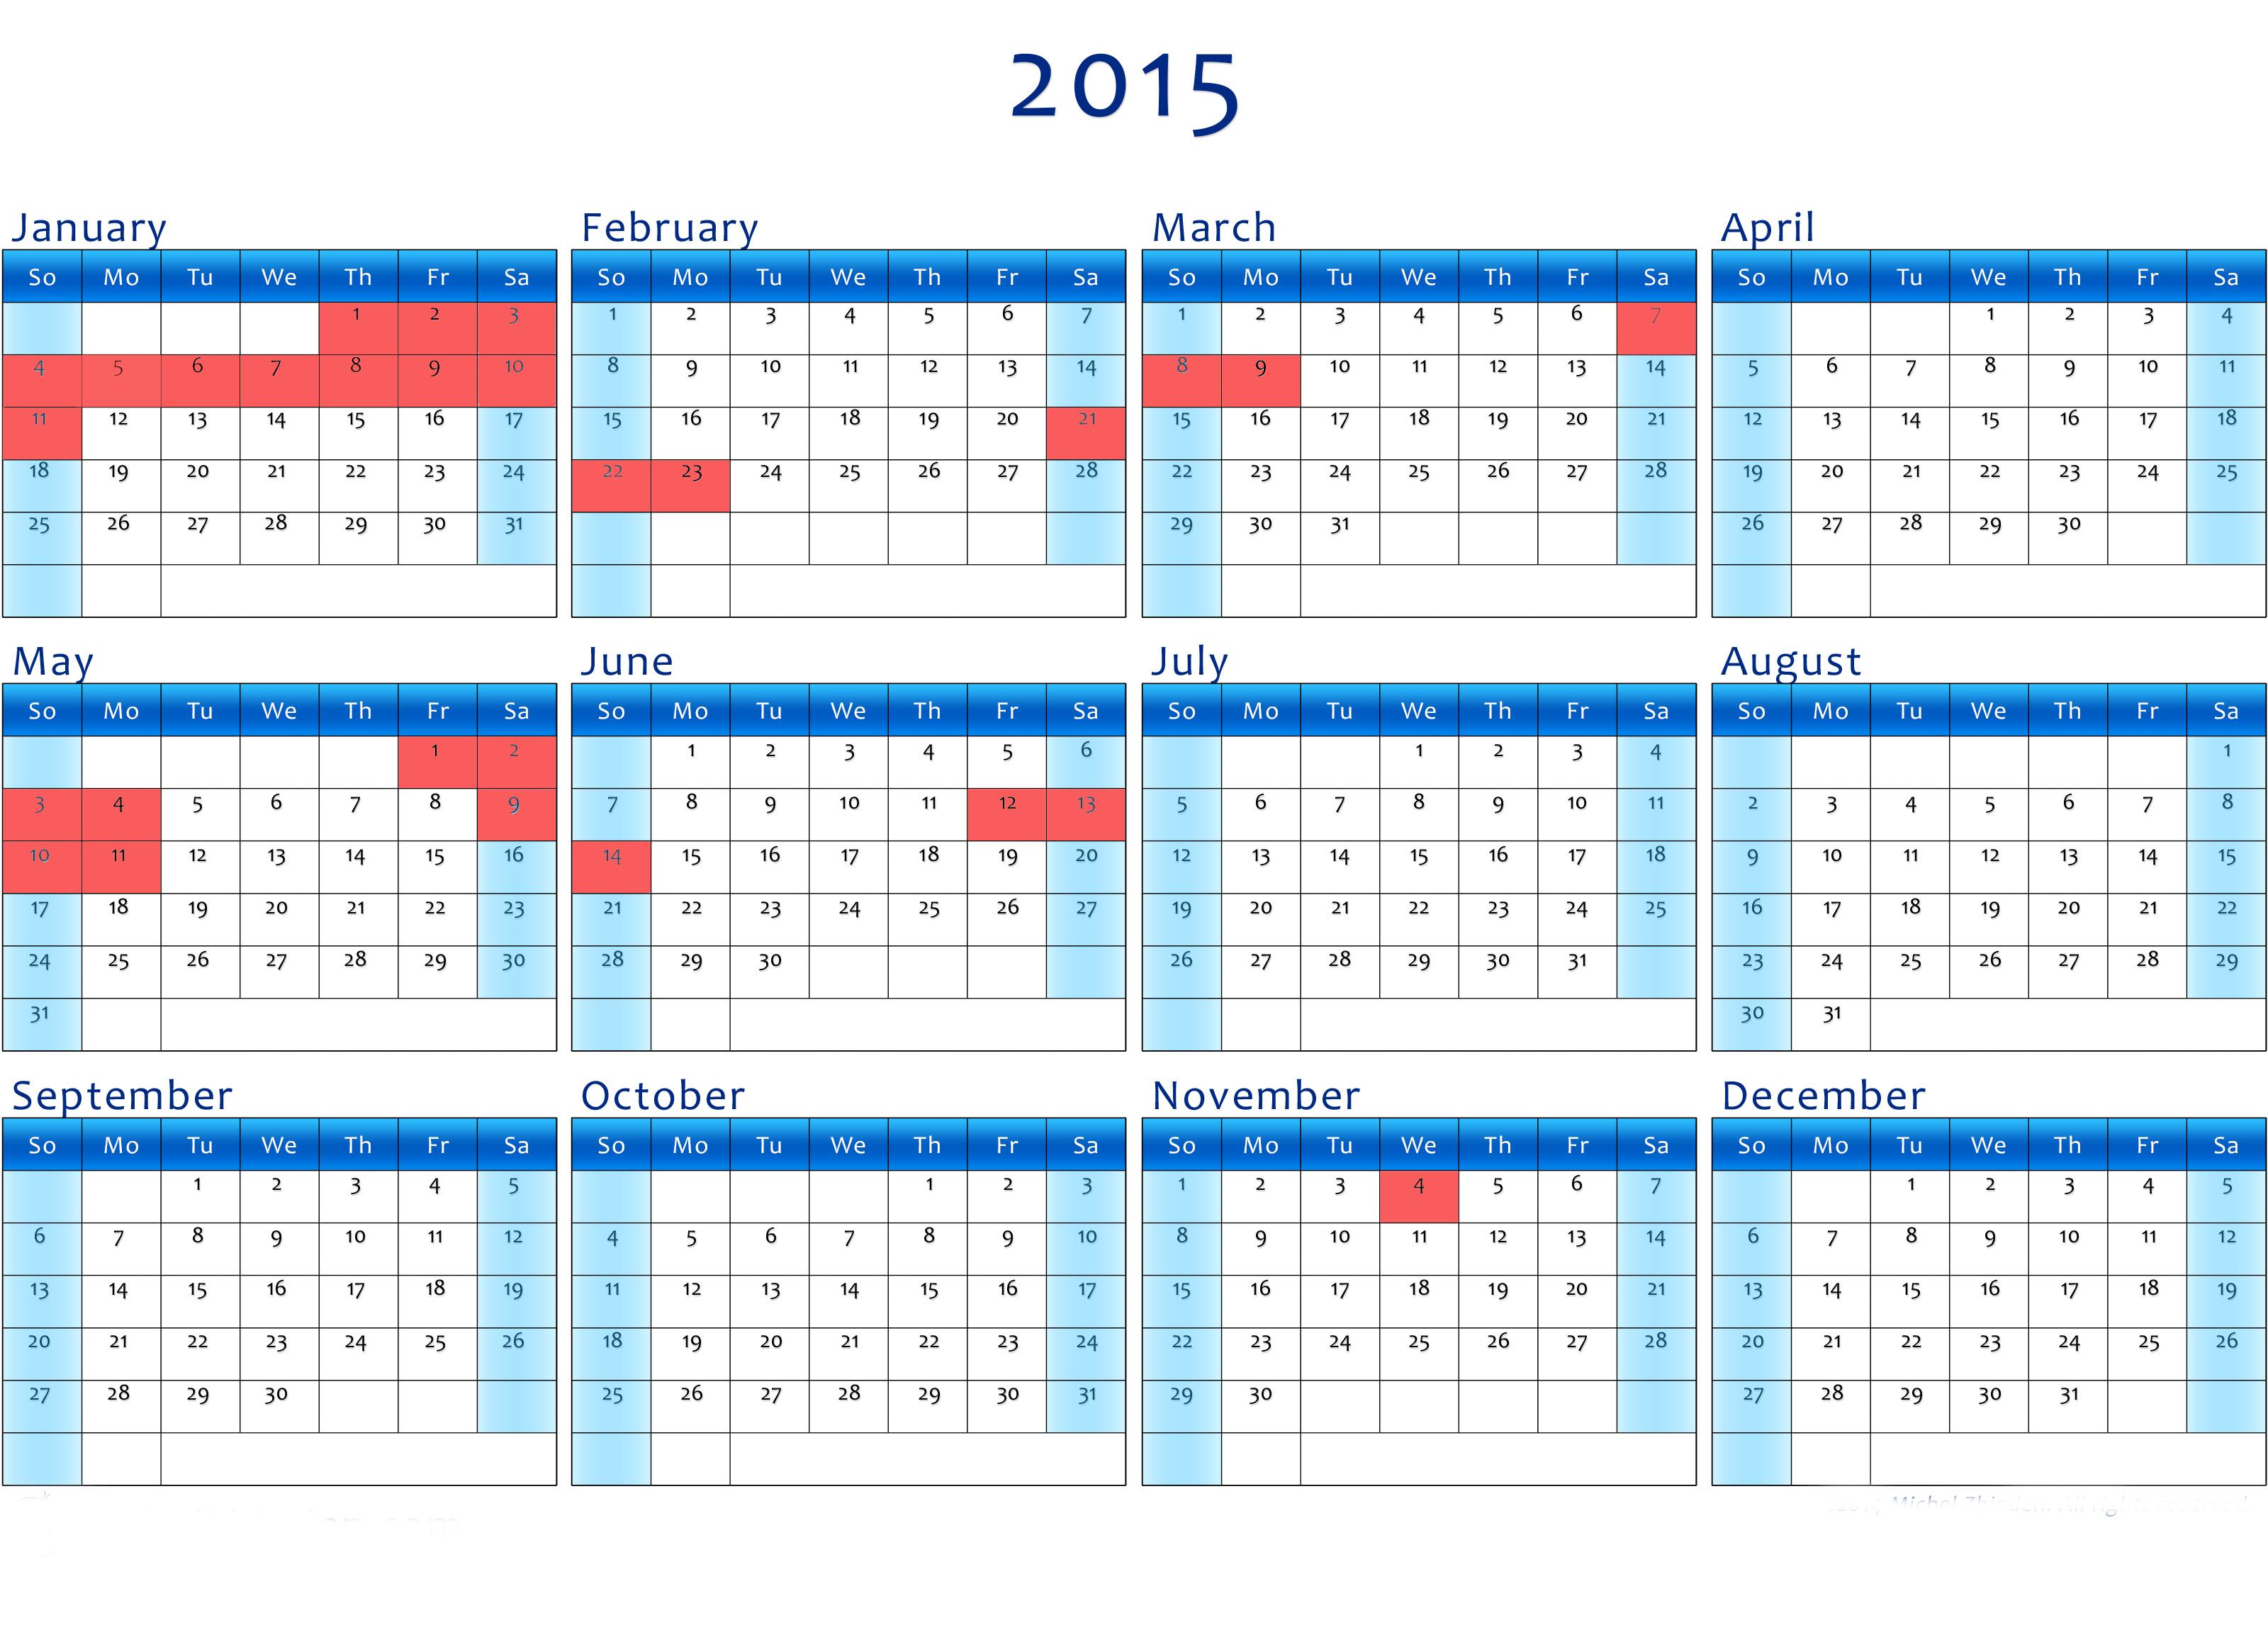 календарь выходных дней 2015 года